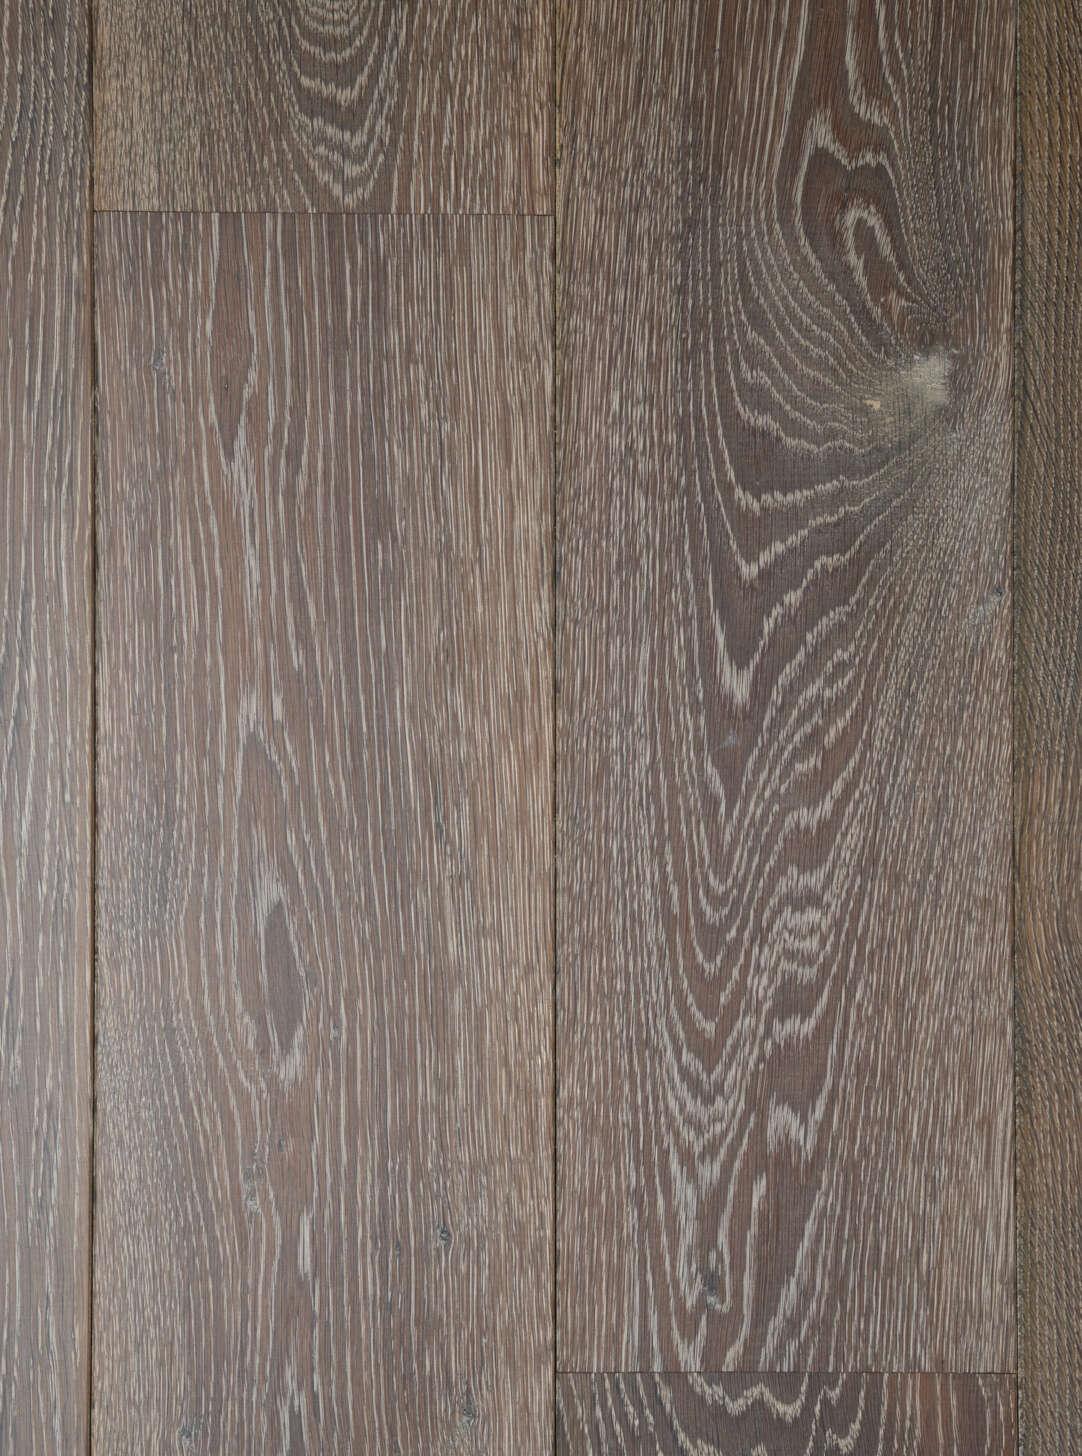 Oak landmark wimpole plank